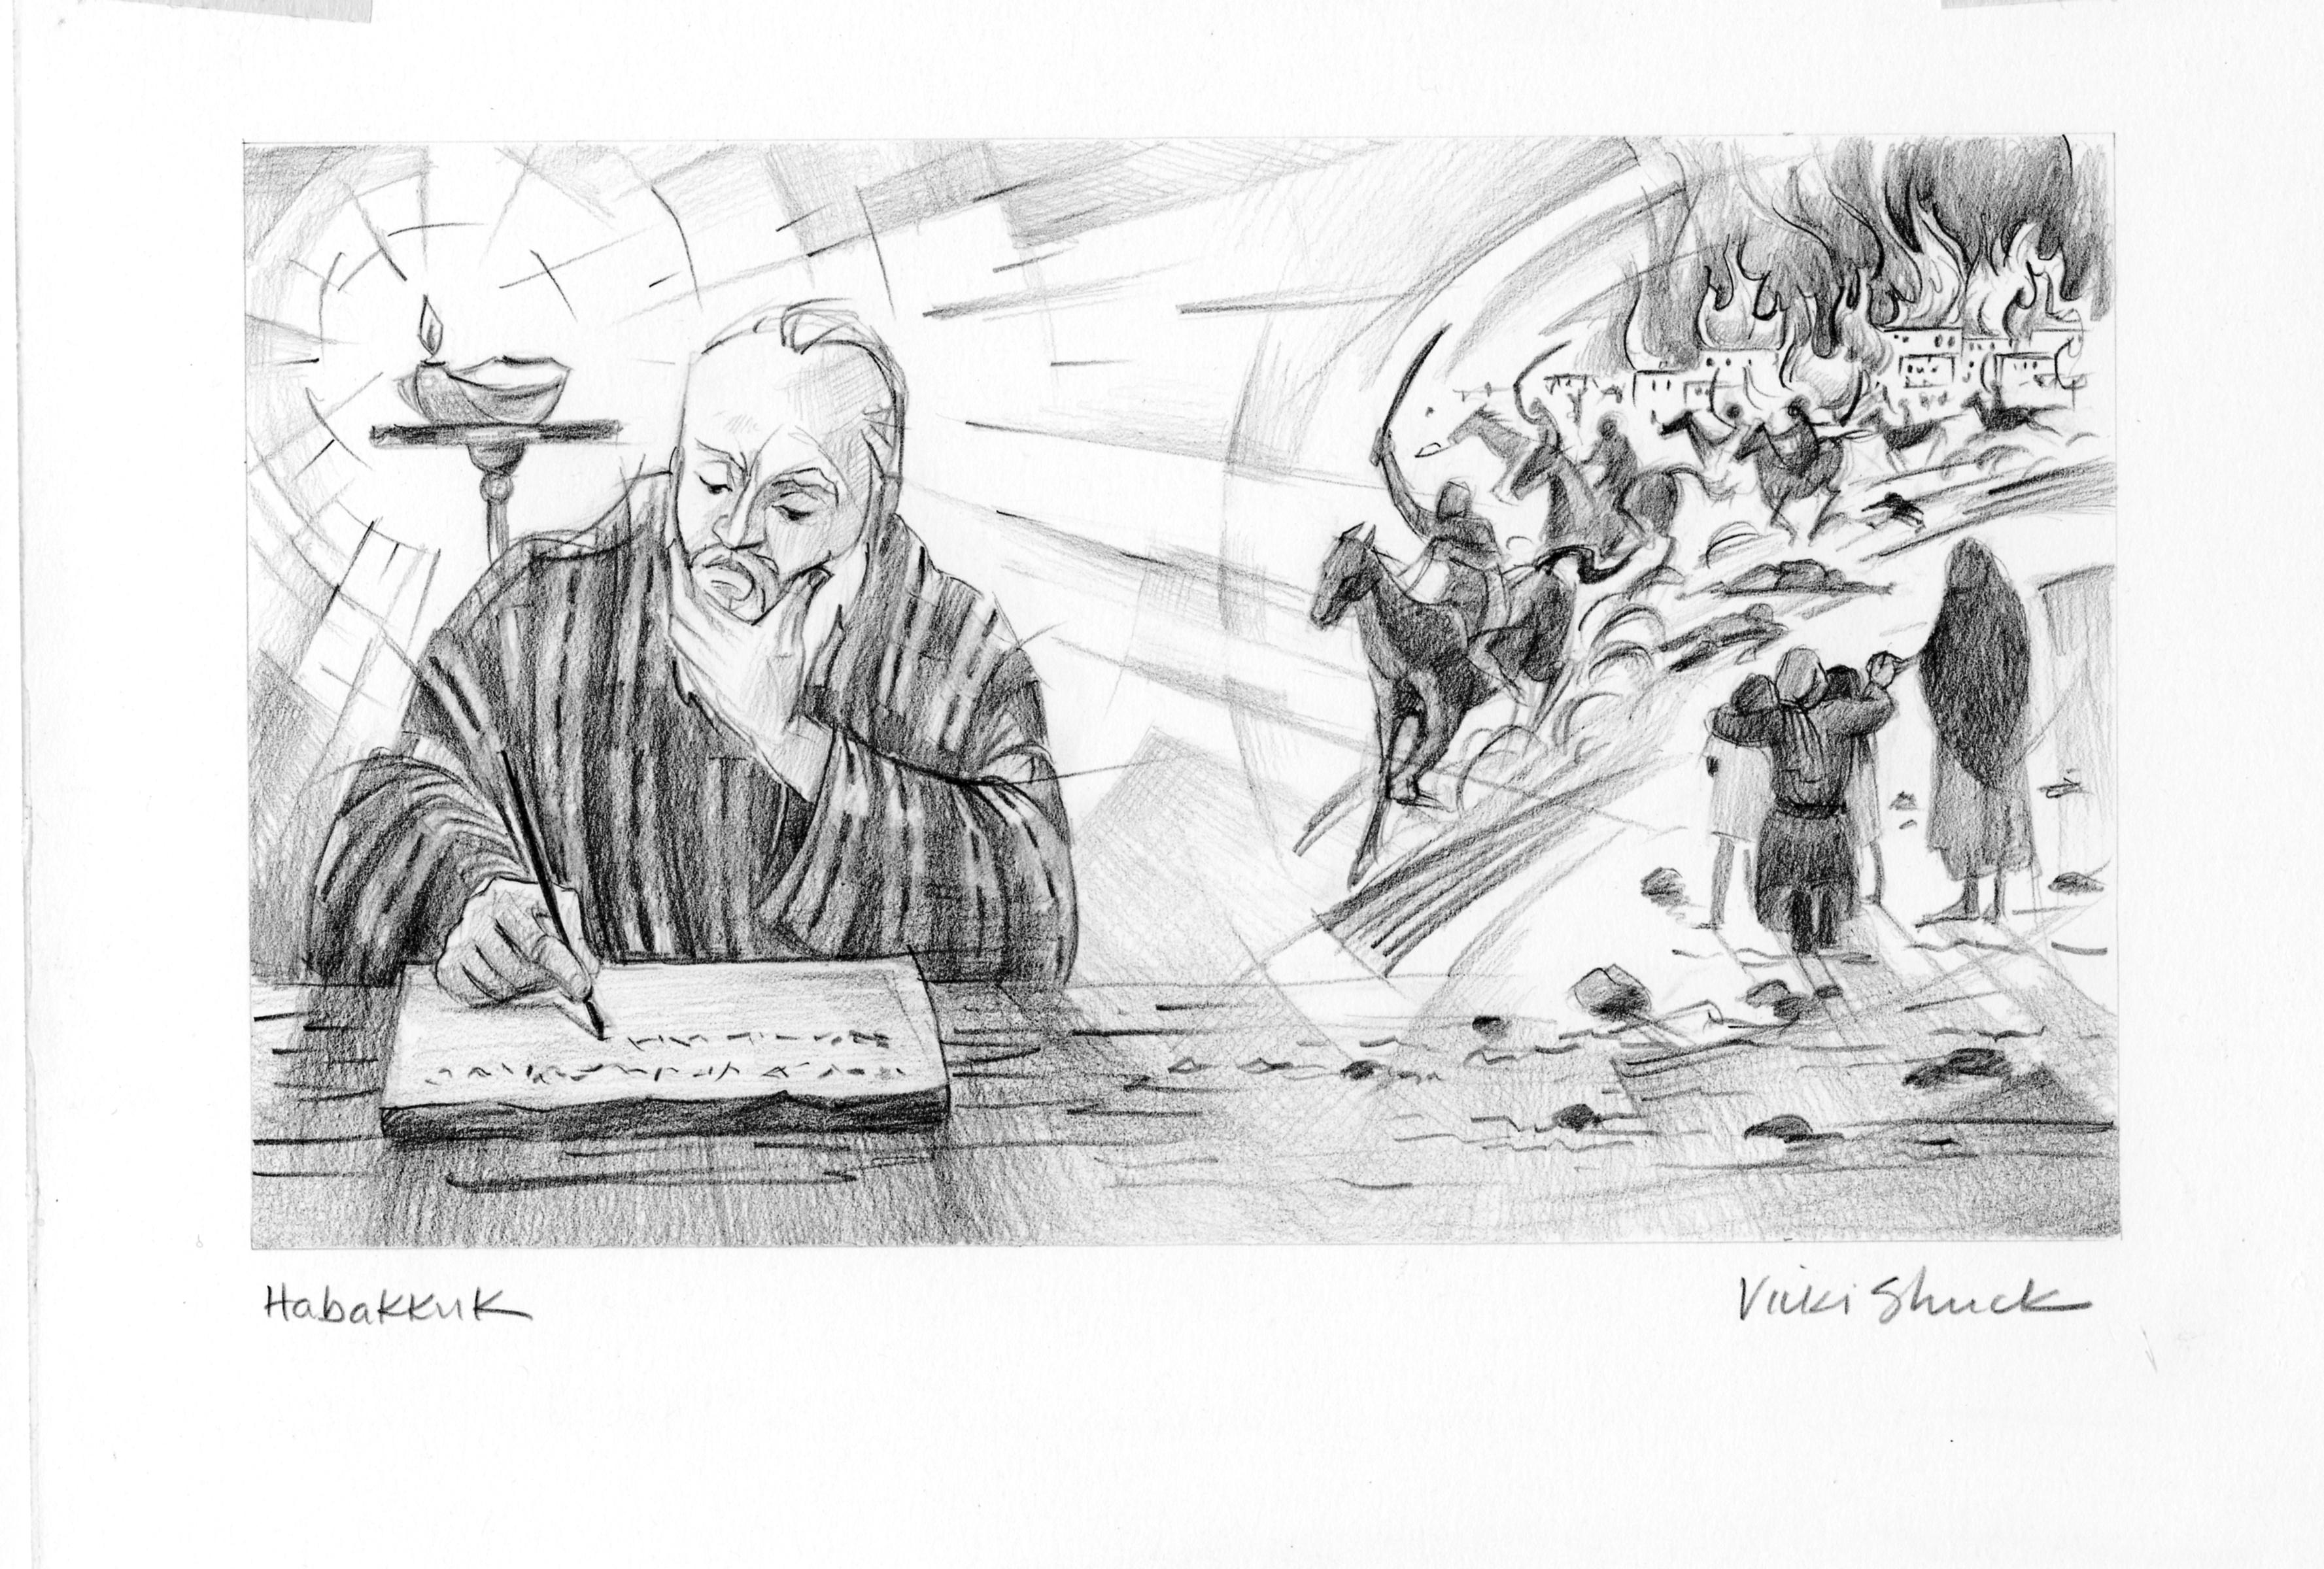 Habakkuk 2 2 4 Illustration